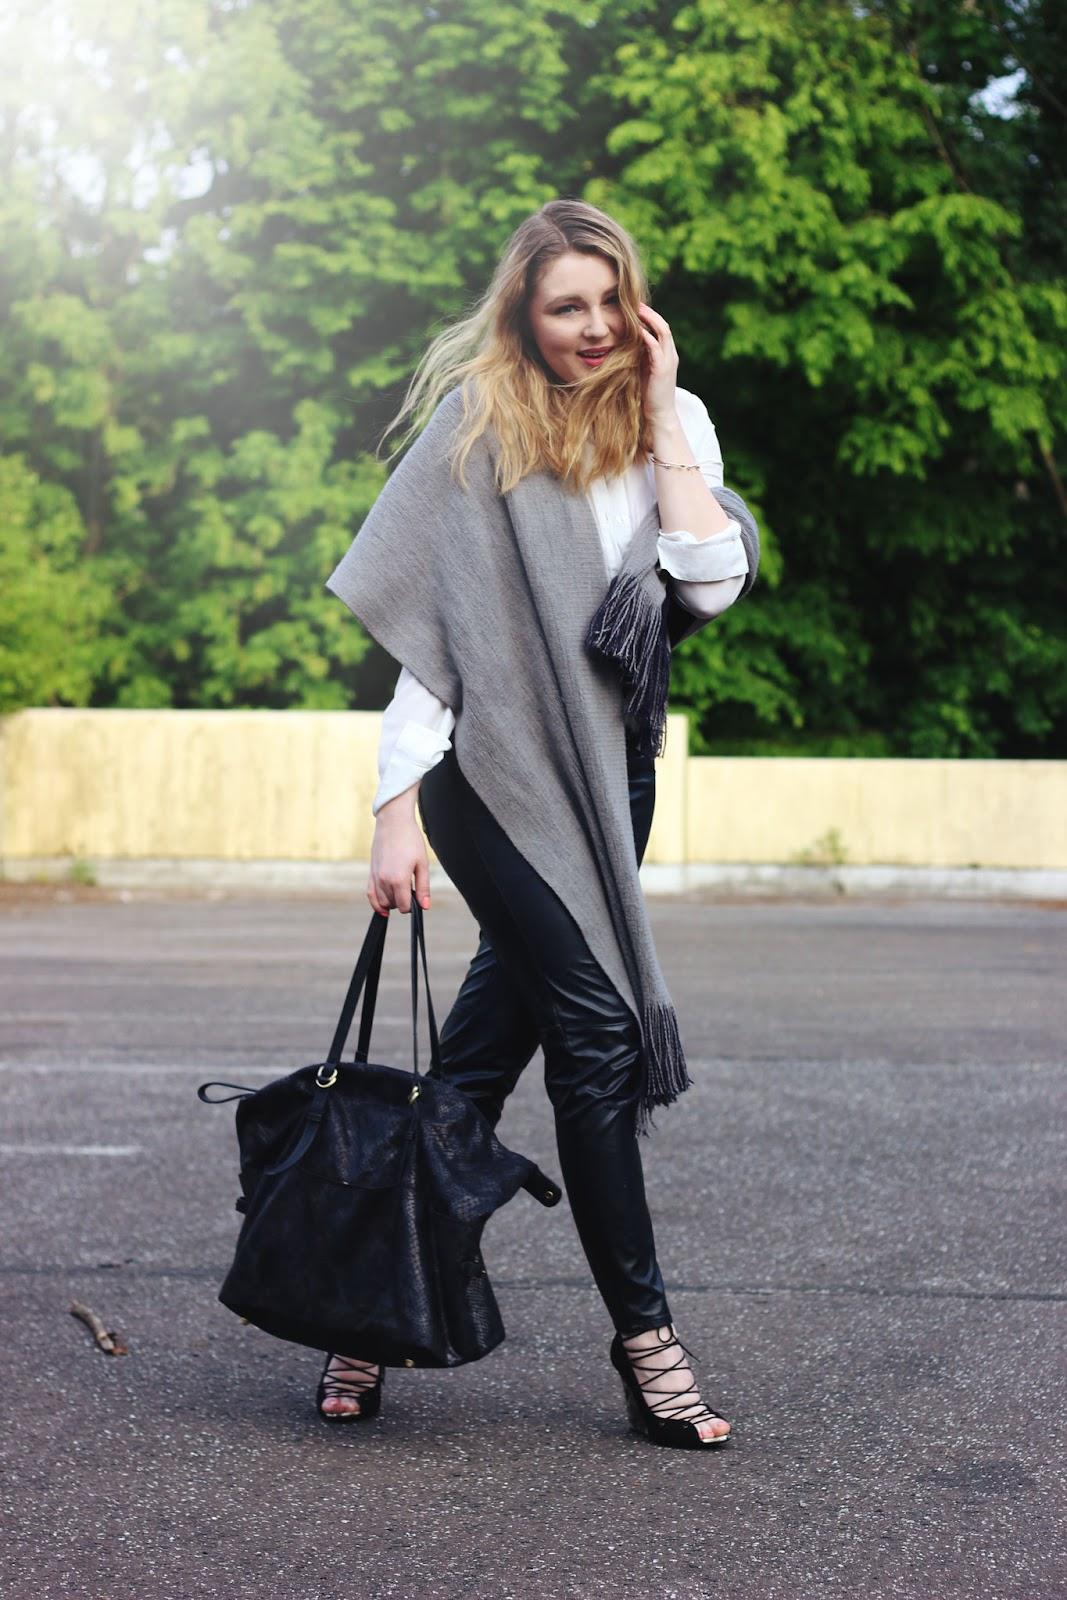 outfit, style, hamburg, zara, black wegdes, lace up, leather pants, white shirt, monochrome